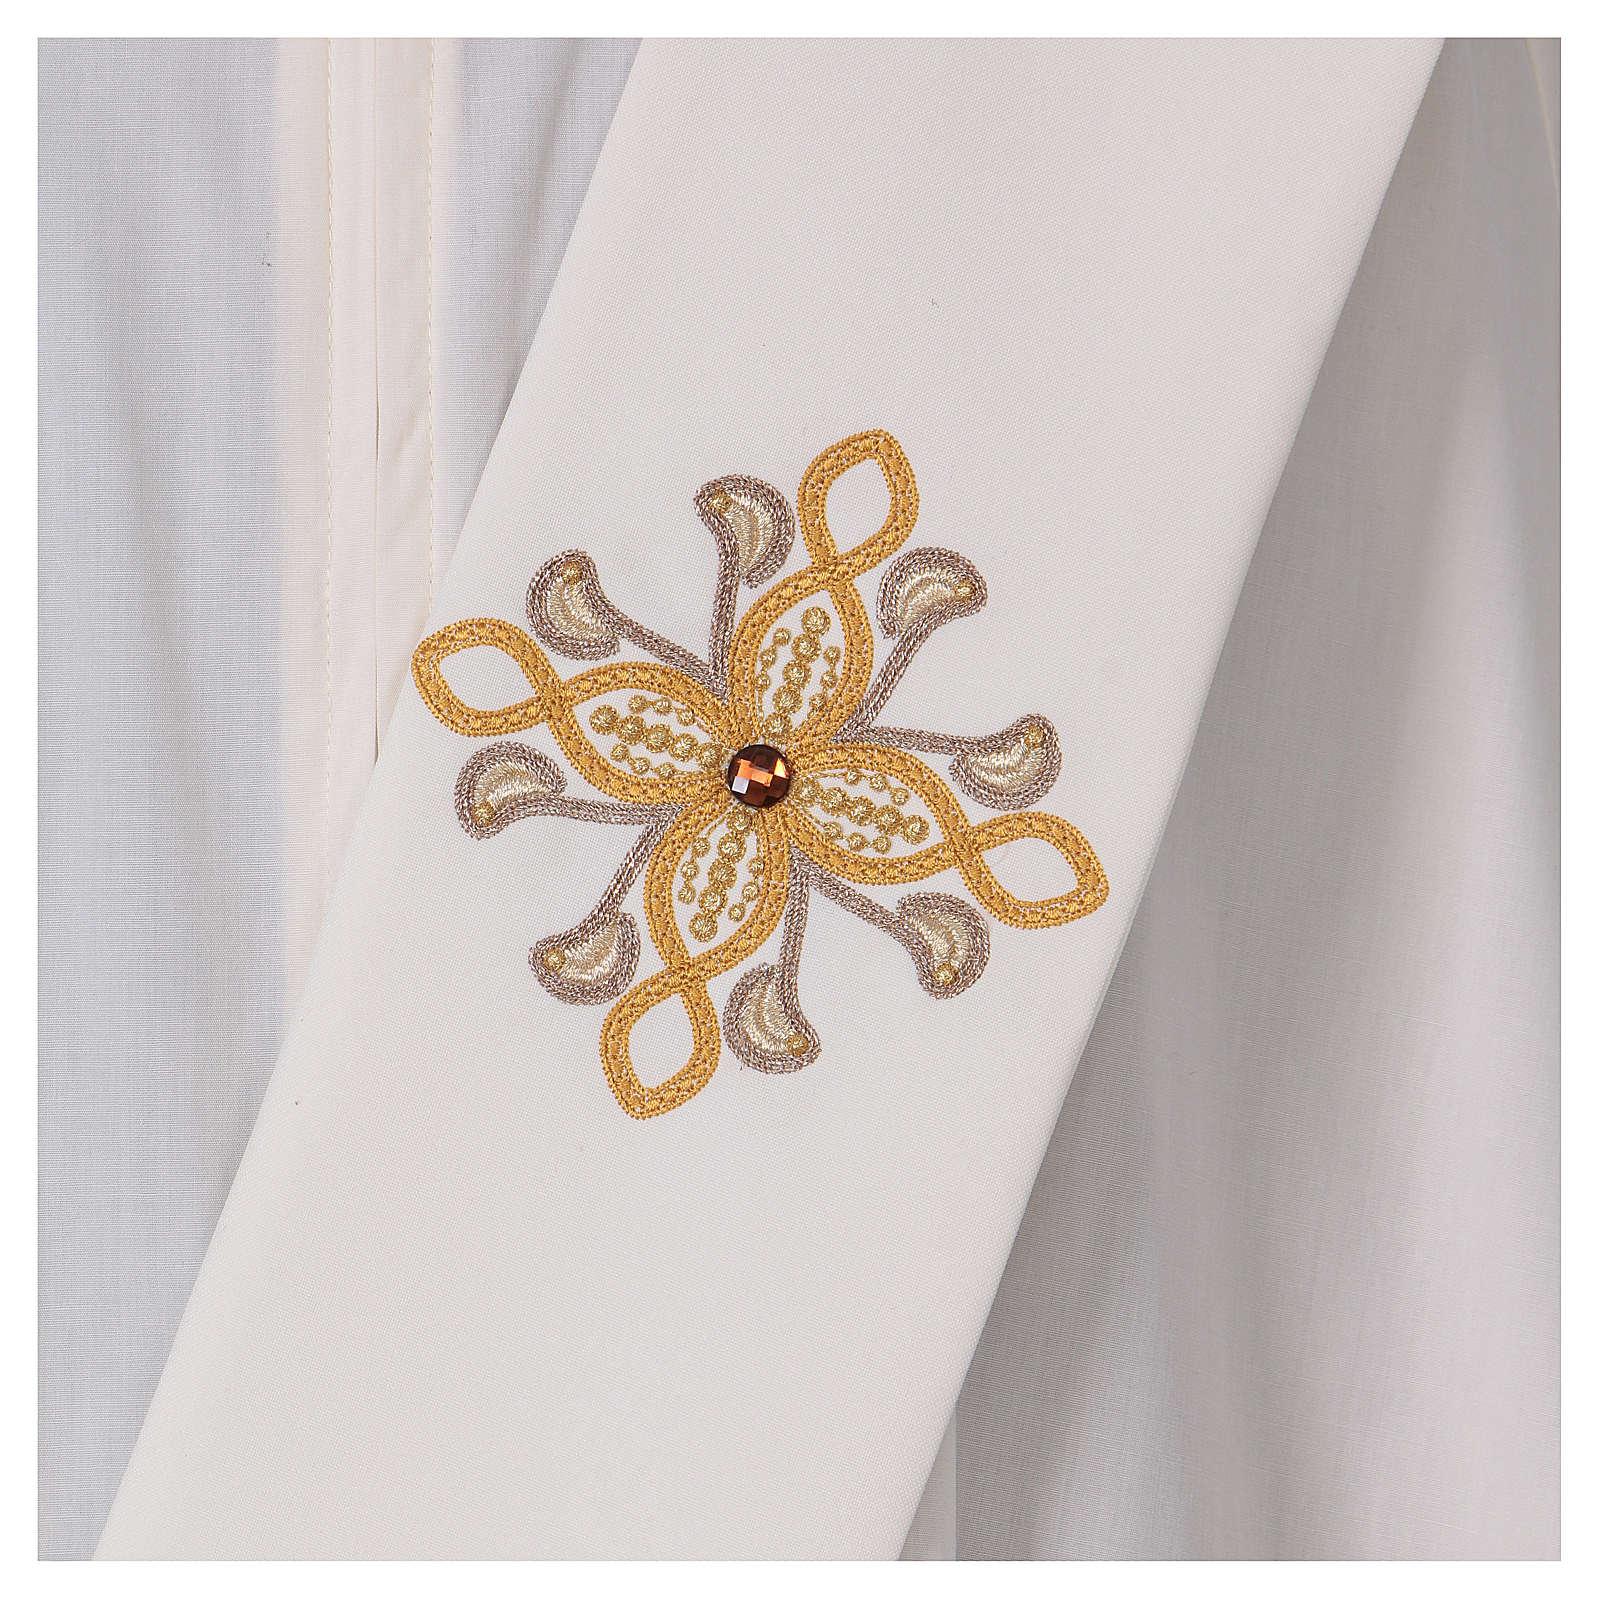 Stola diaconale avorio fiore con applicazioni 80% poliestere 20% lana 4